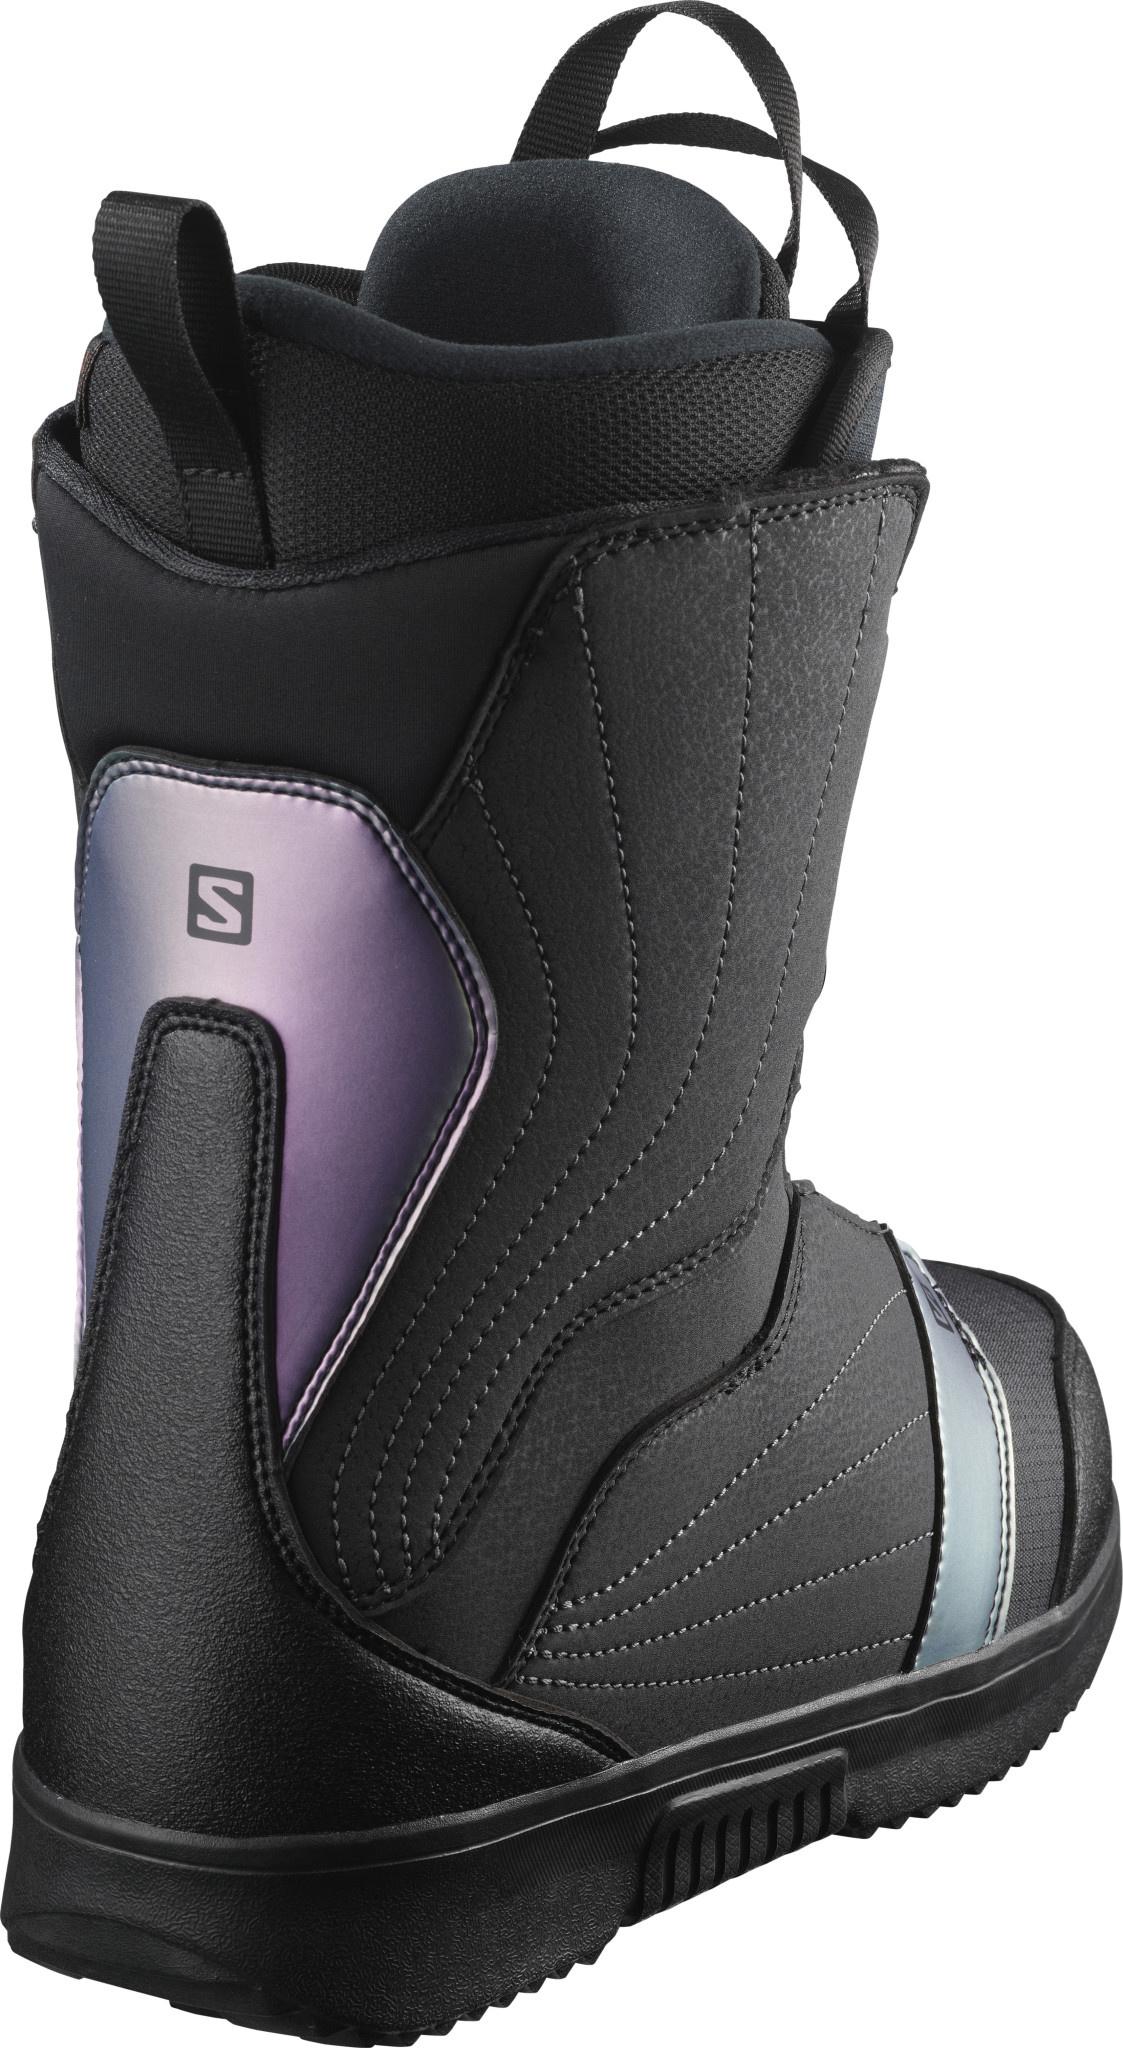 Salomon Snowboard Salomon W's Pearl BOA Snowboard Boot (2022)